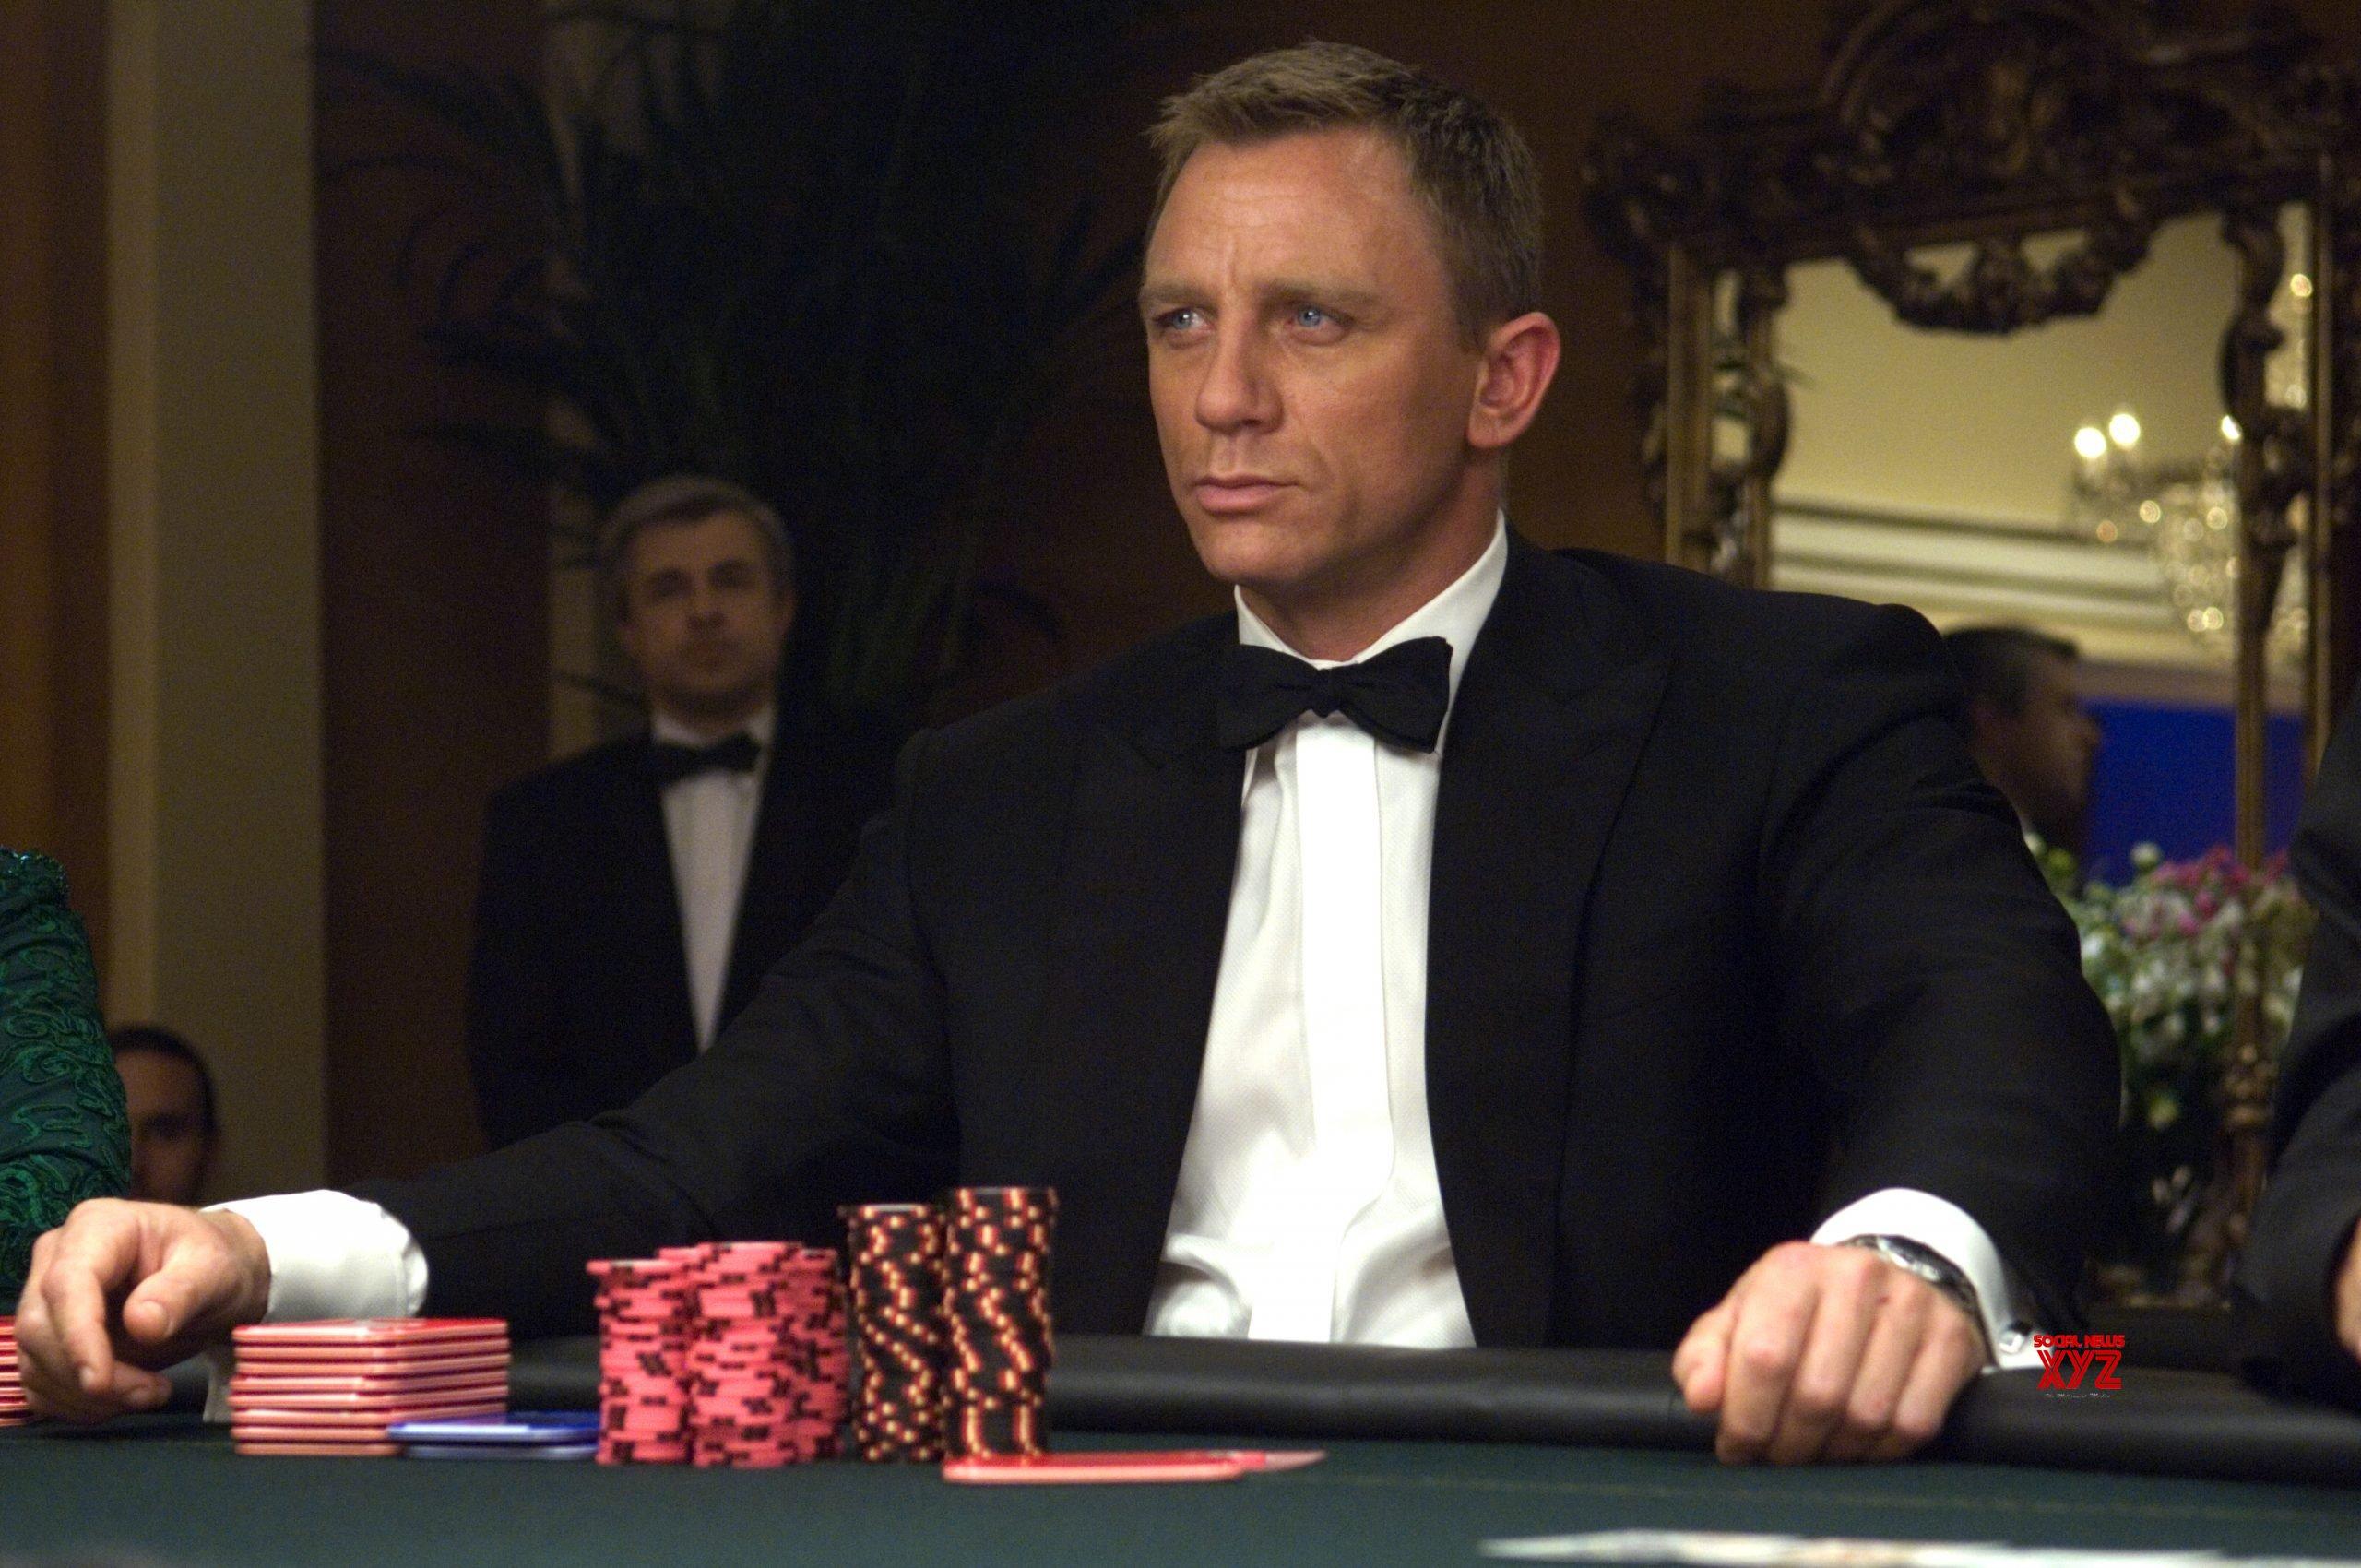 Бонд казино рояль биография для самп рп казино